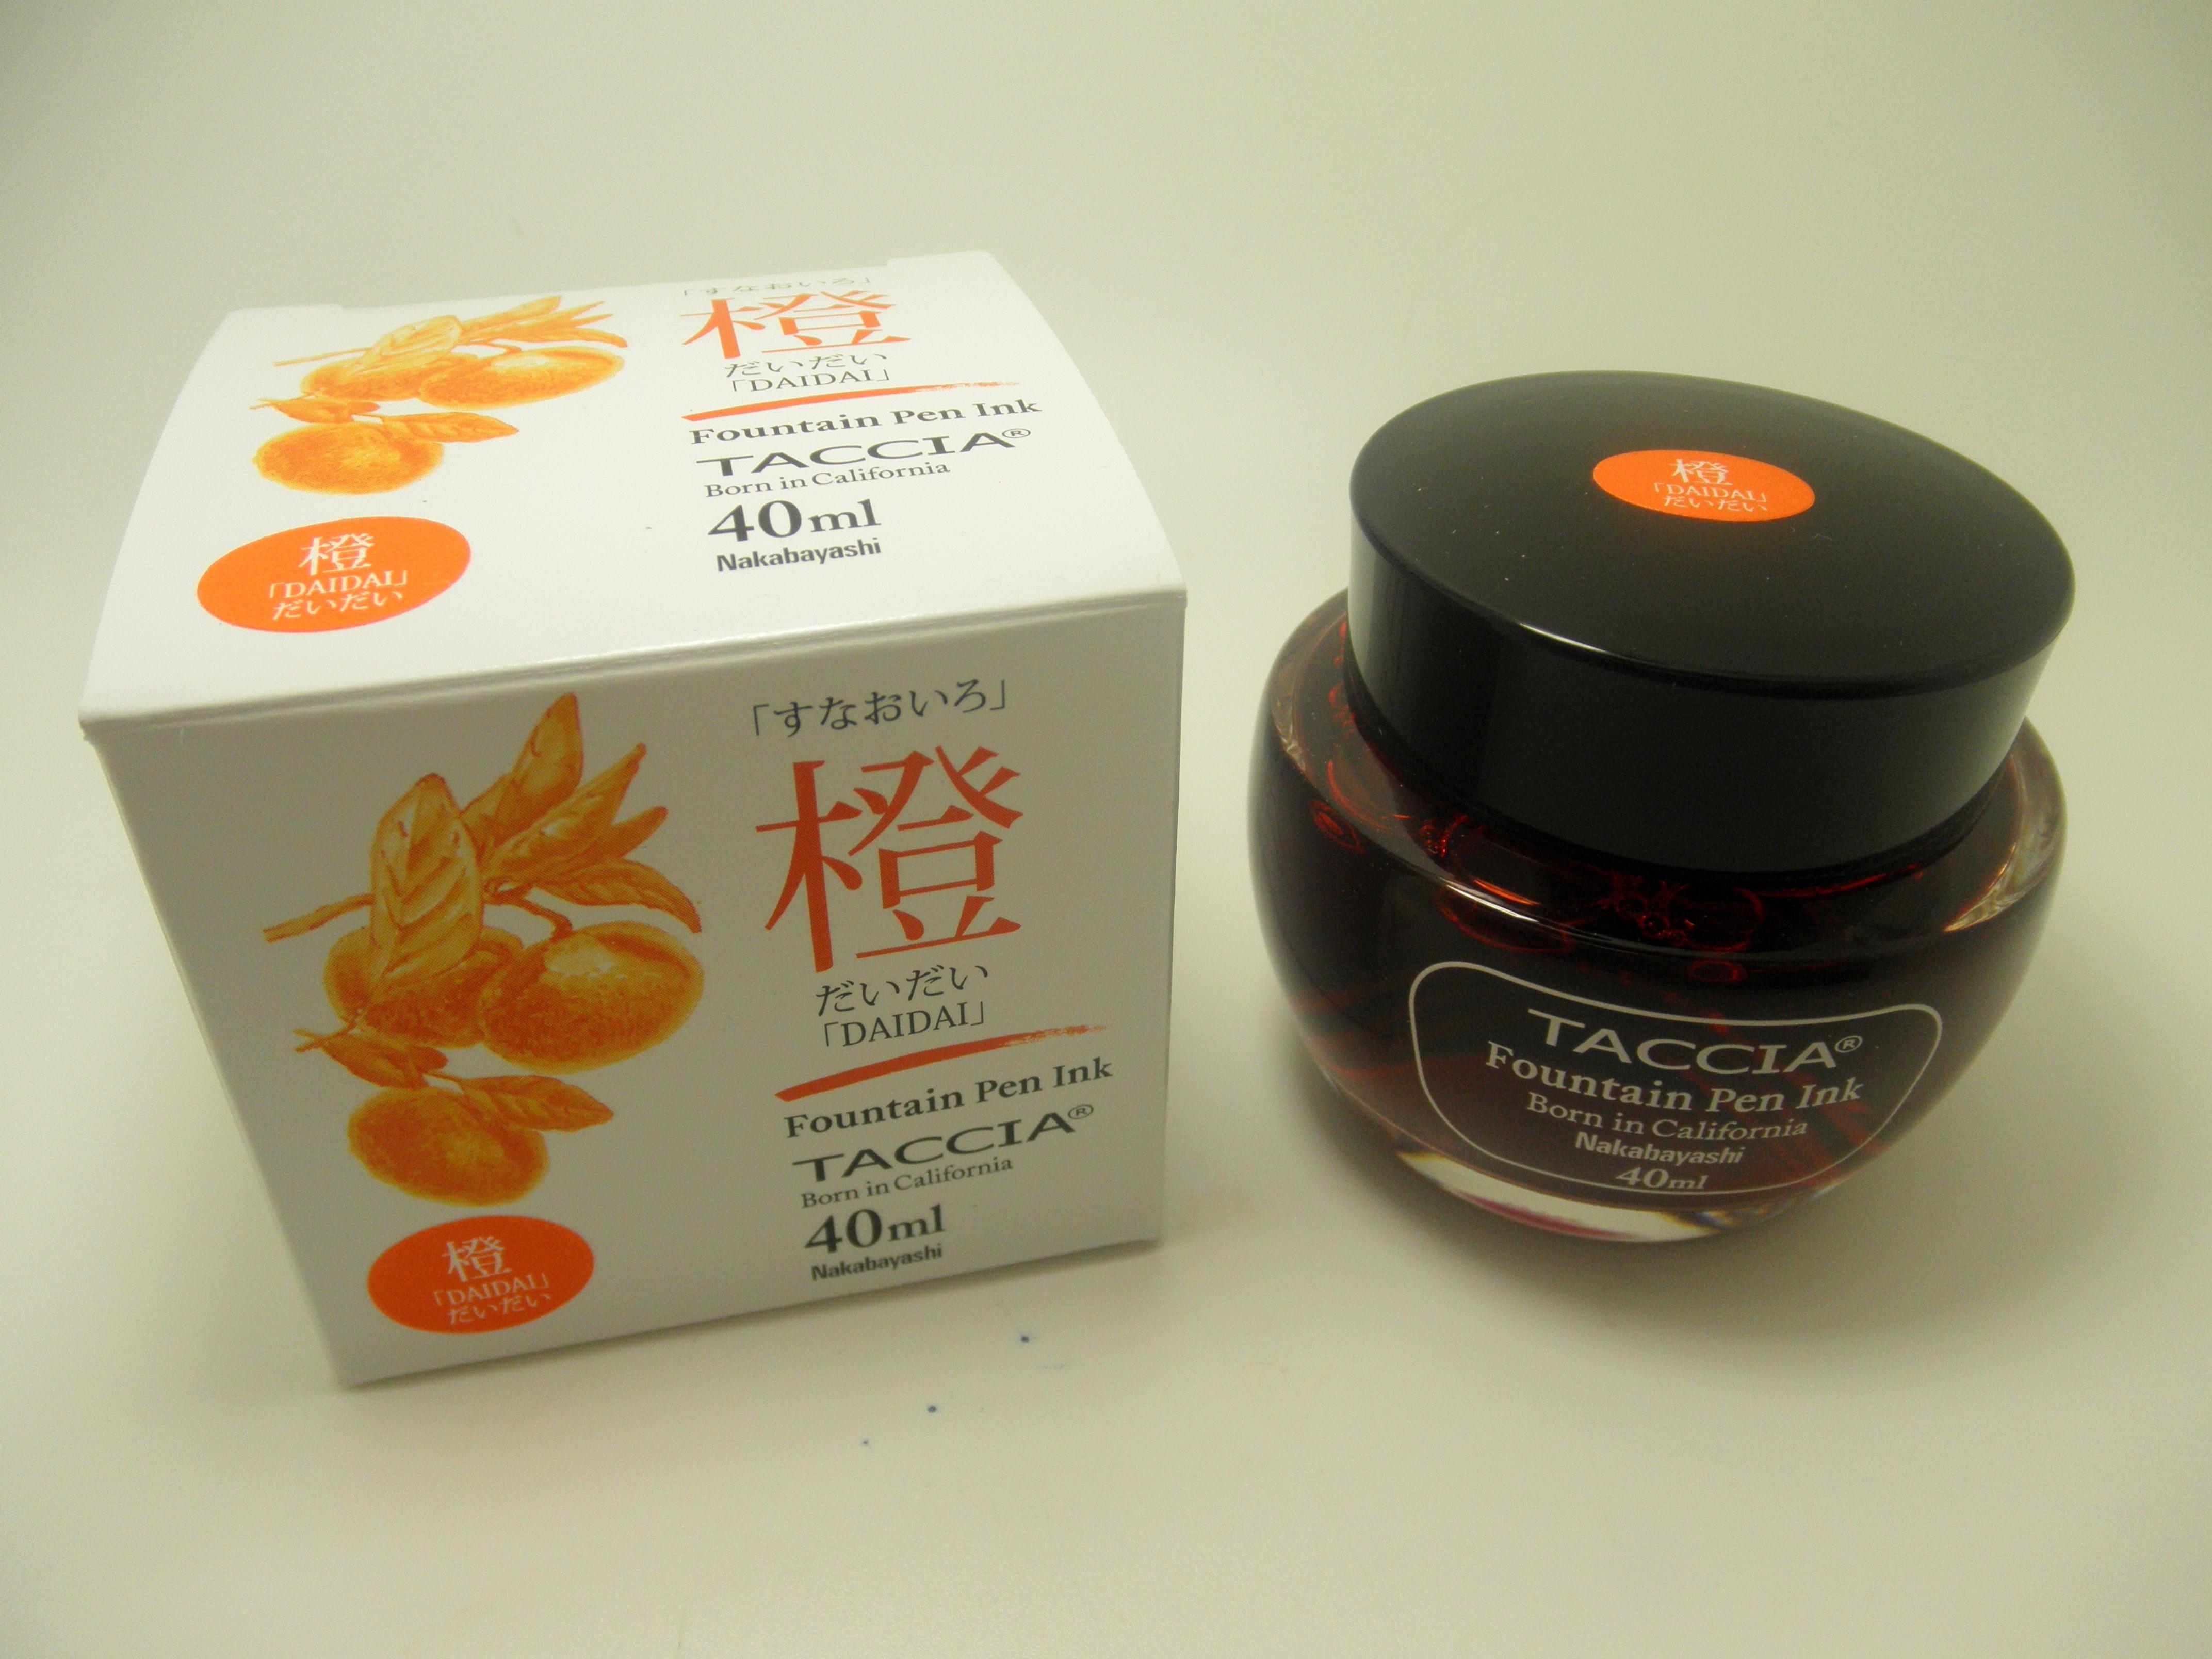 Taccia Bottled Ink Daidai (Orange)